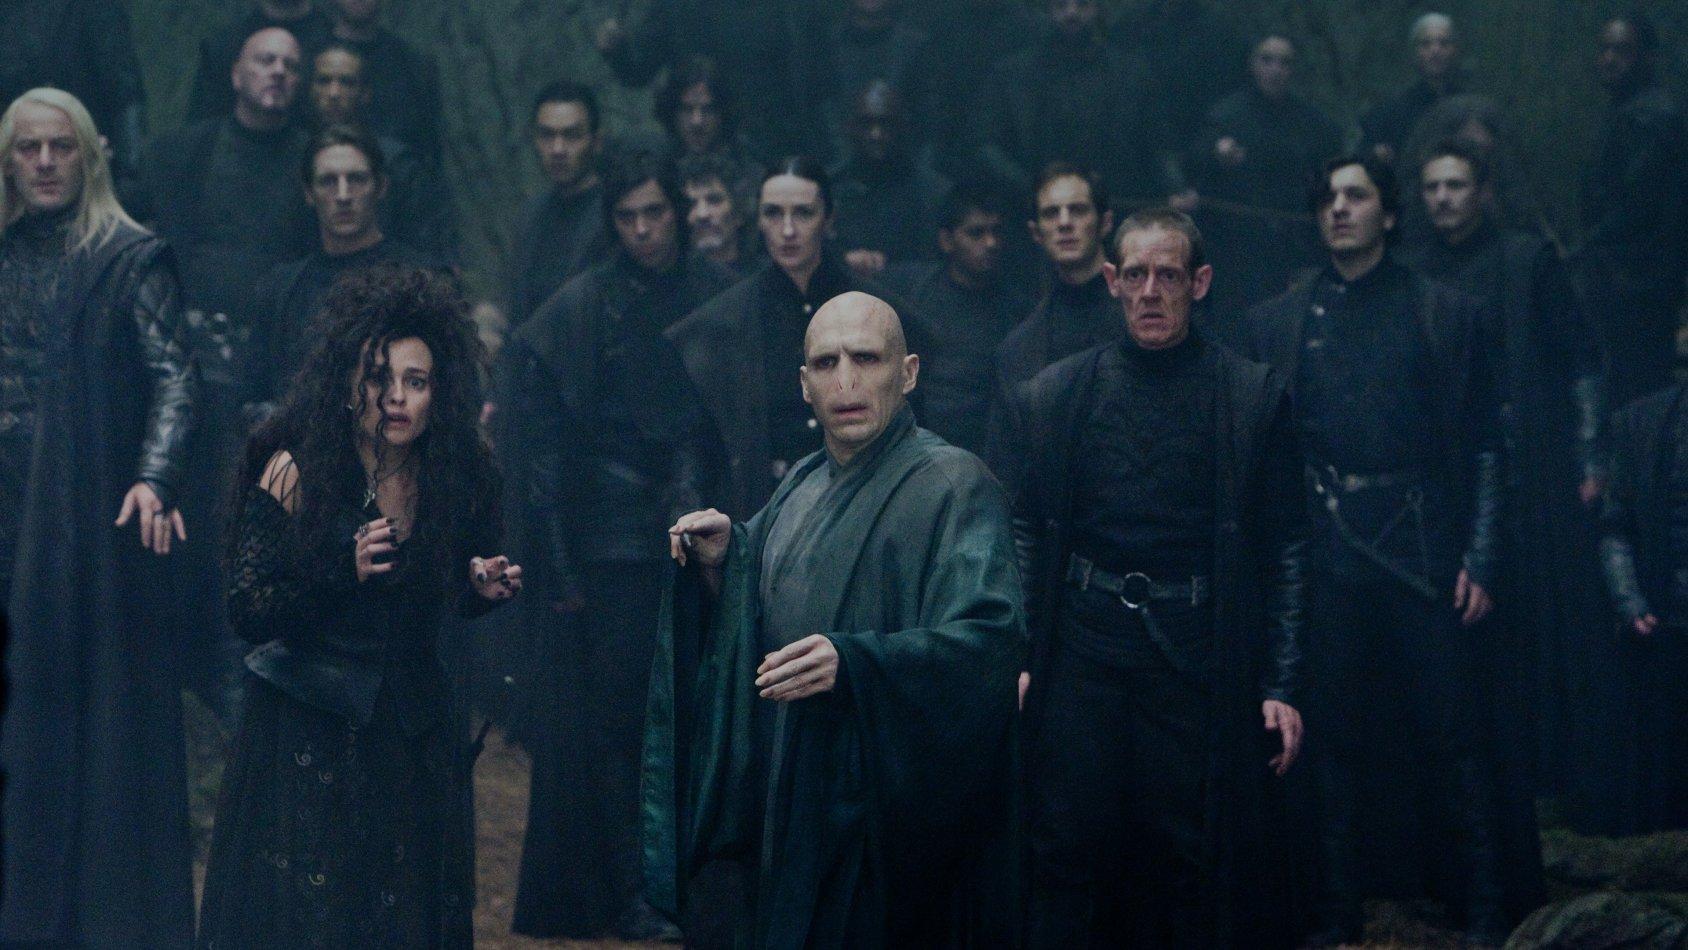 Harry Potter och Dödsrelikerna: Del 2